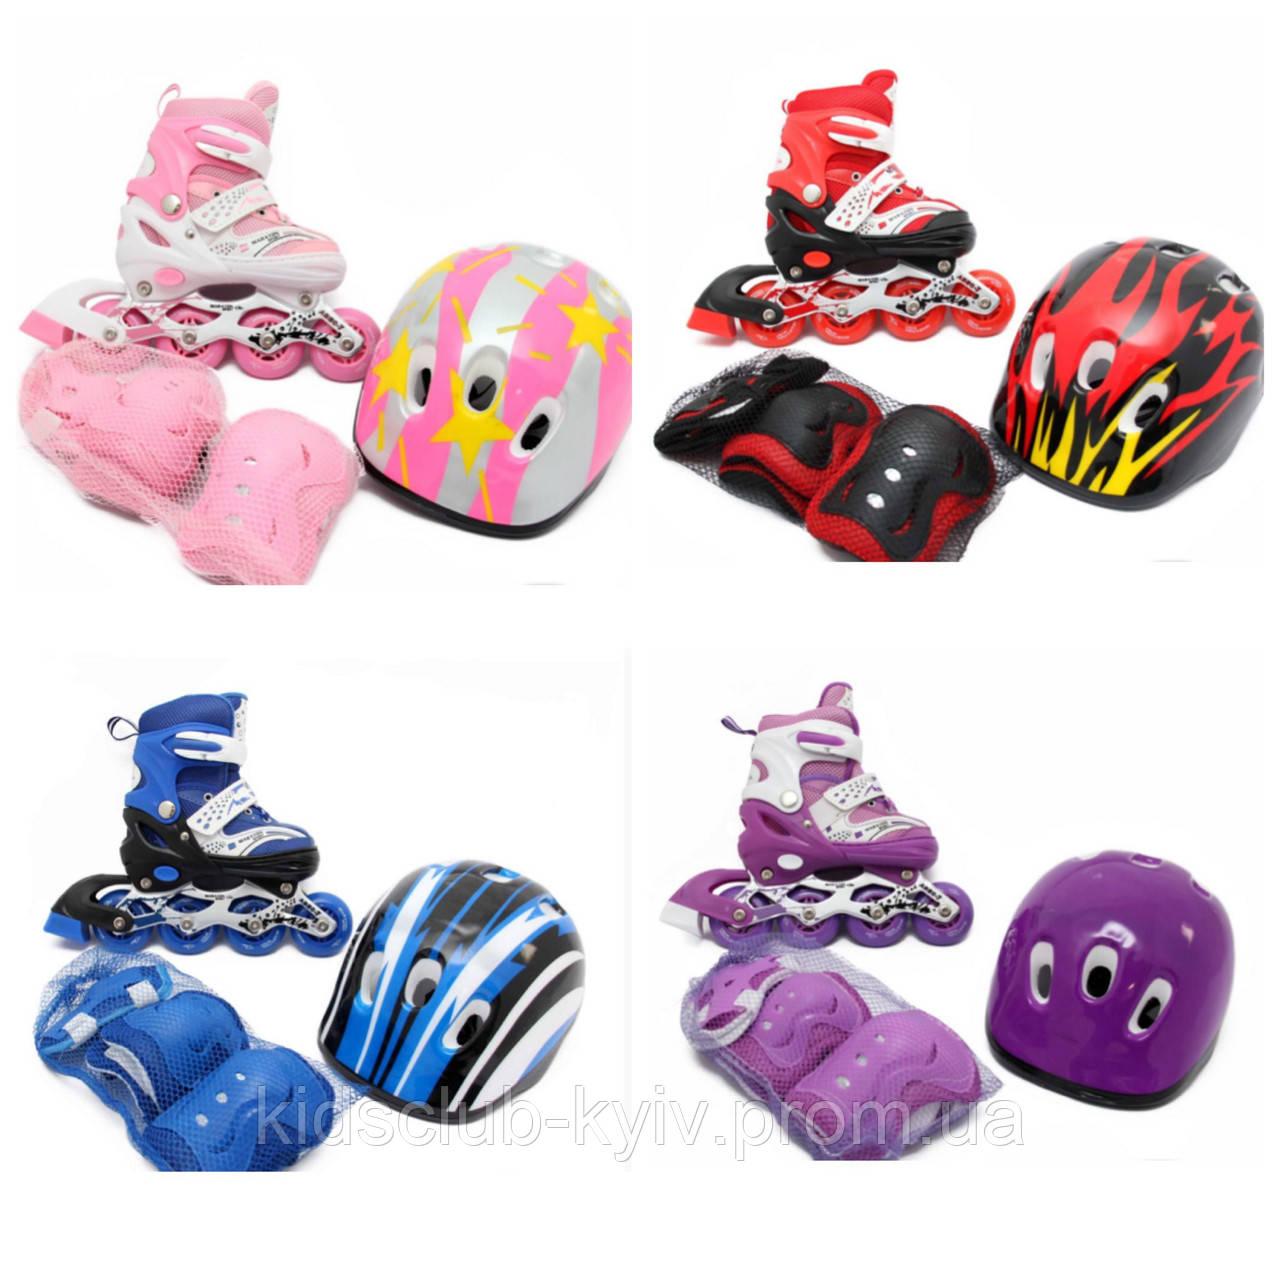 Набор роликов в комплекте с защитой и шлемом, раздвижные ролики